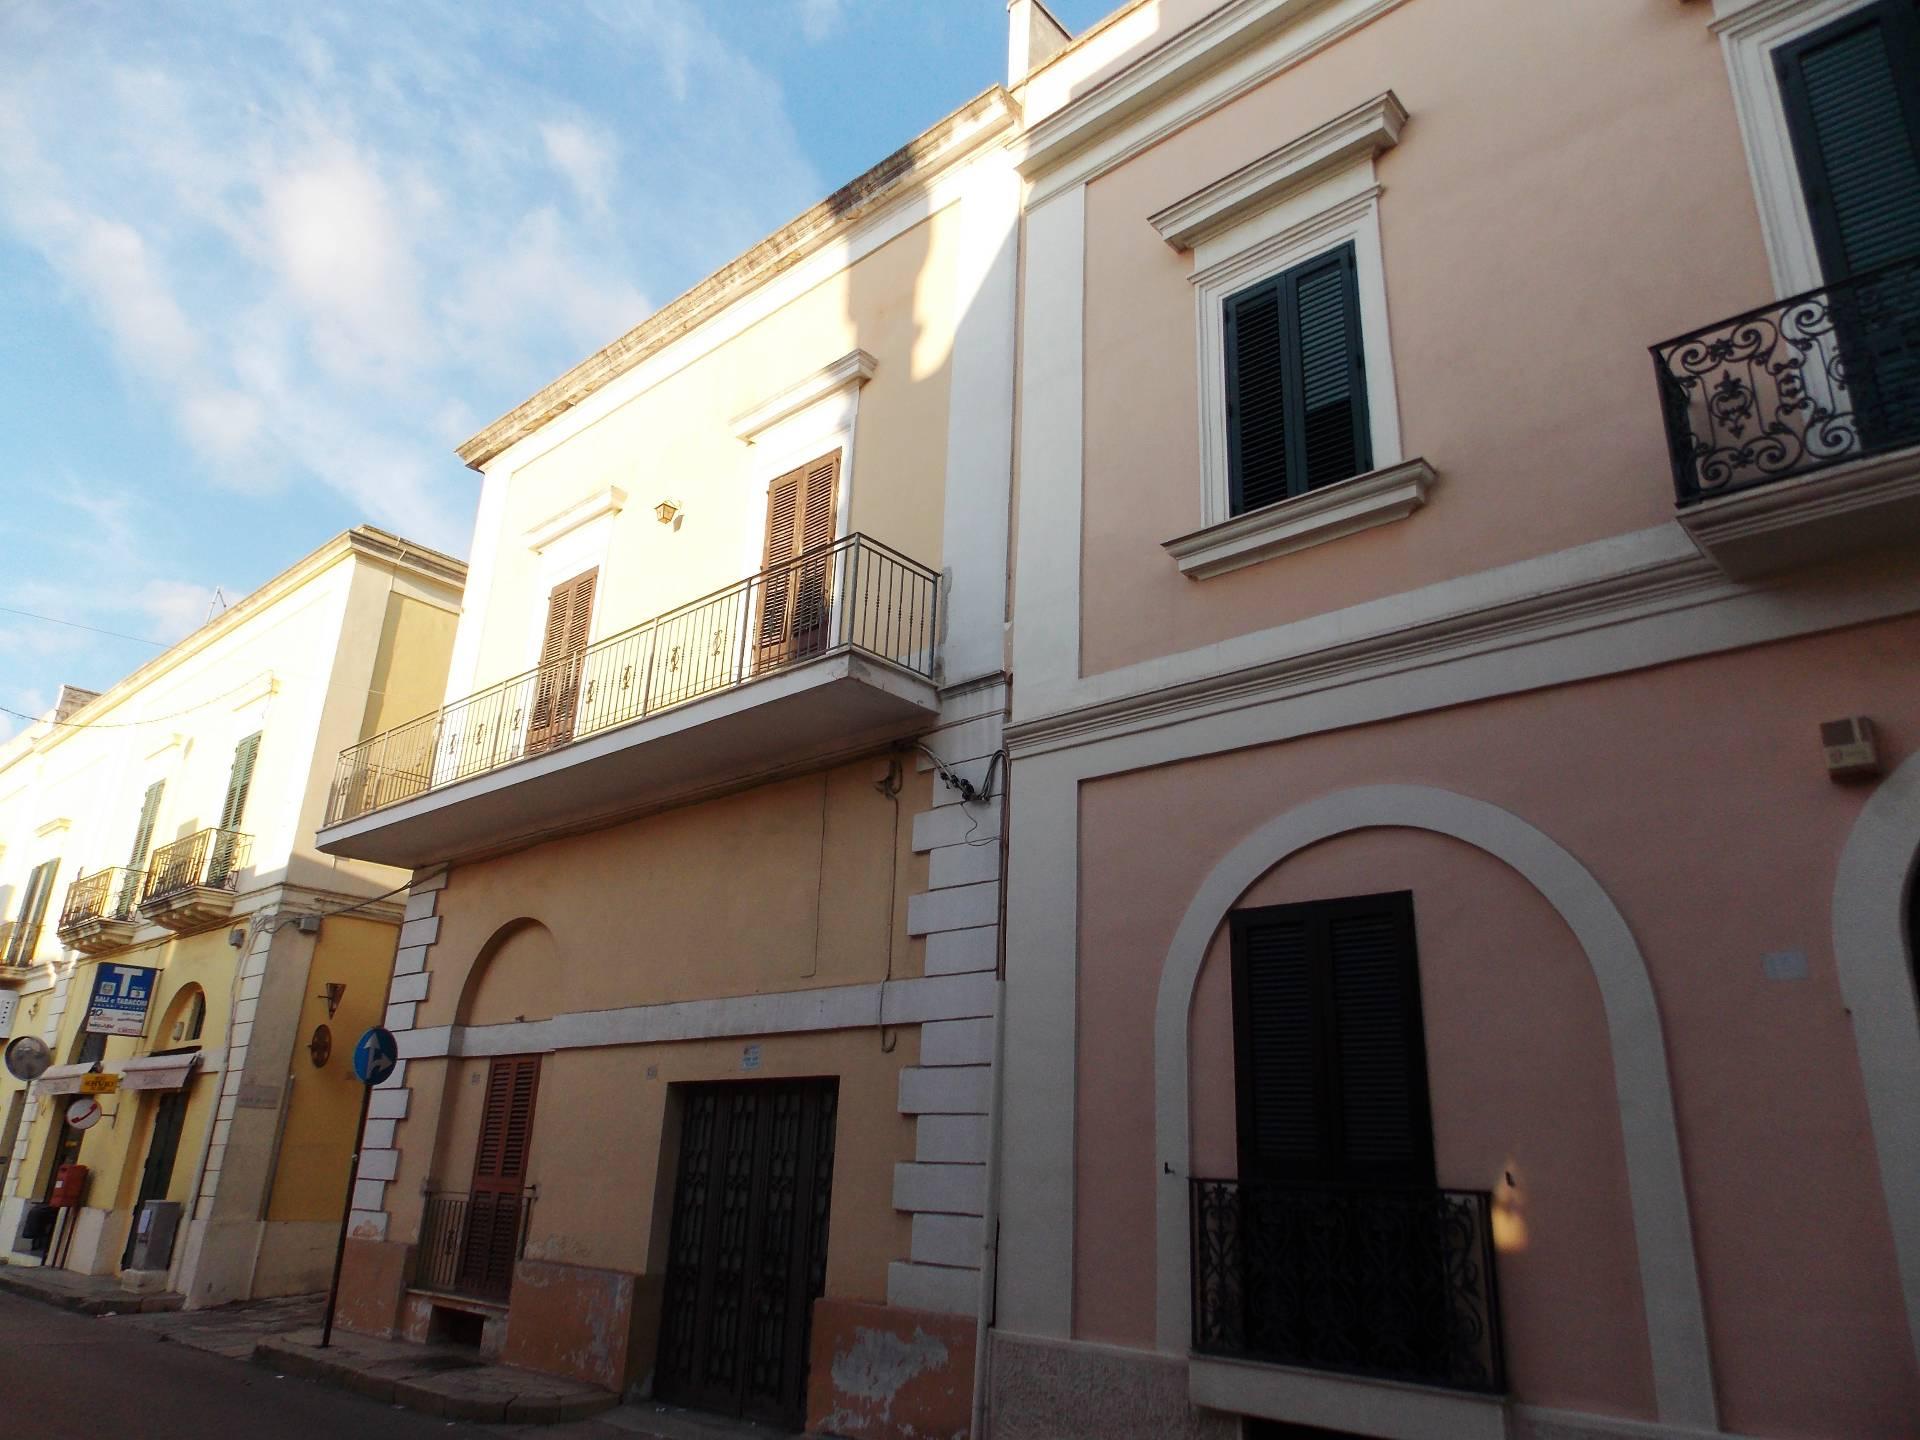 Appartamento in vendita a Matino, 3 locali, prezzo € 102.000 | CambioCasa.it